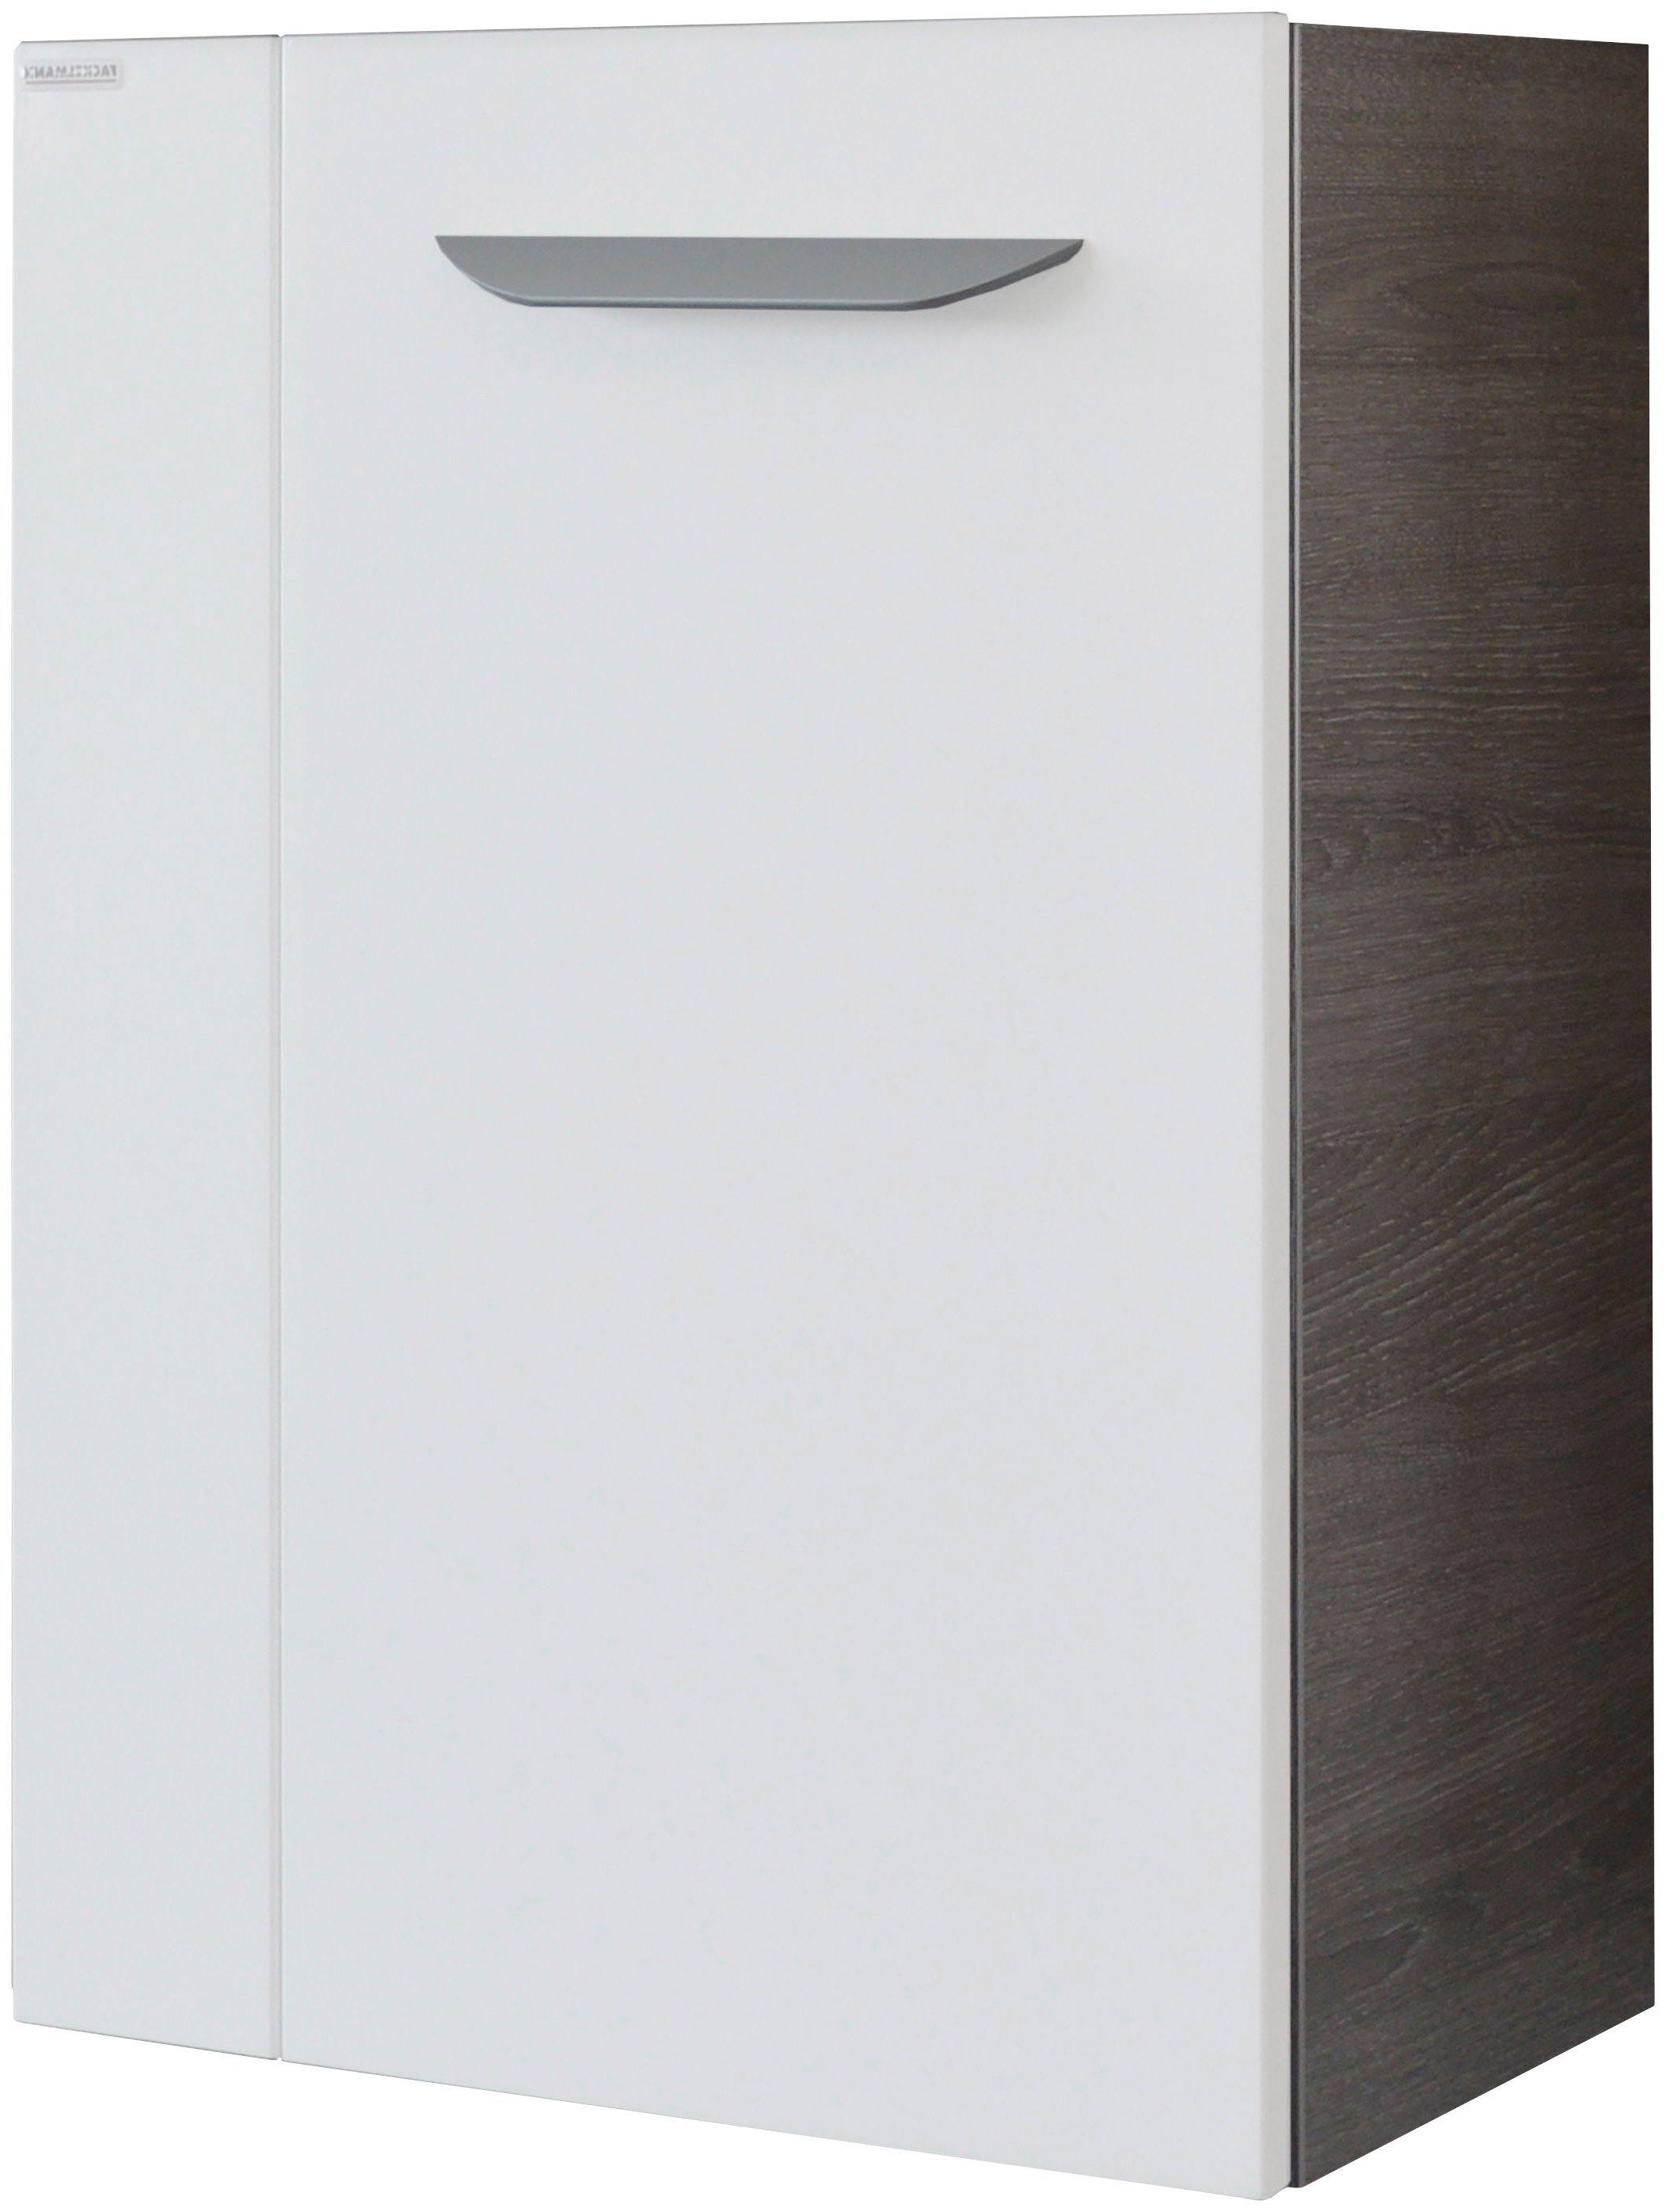 FACKELMANN Waschtischunterbau »Lavella«, Breite 44 cm | Bad > Badmöbel > Badmöbel-Sets | Weiß | Spanplatte | FACKELMANN